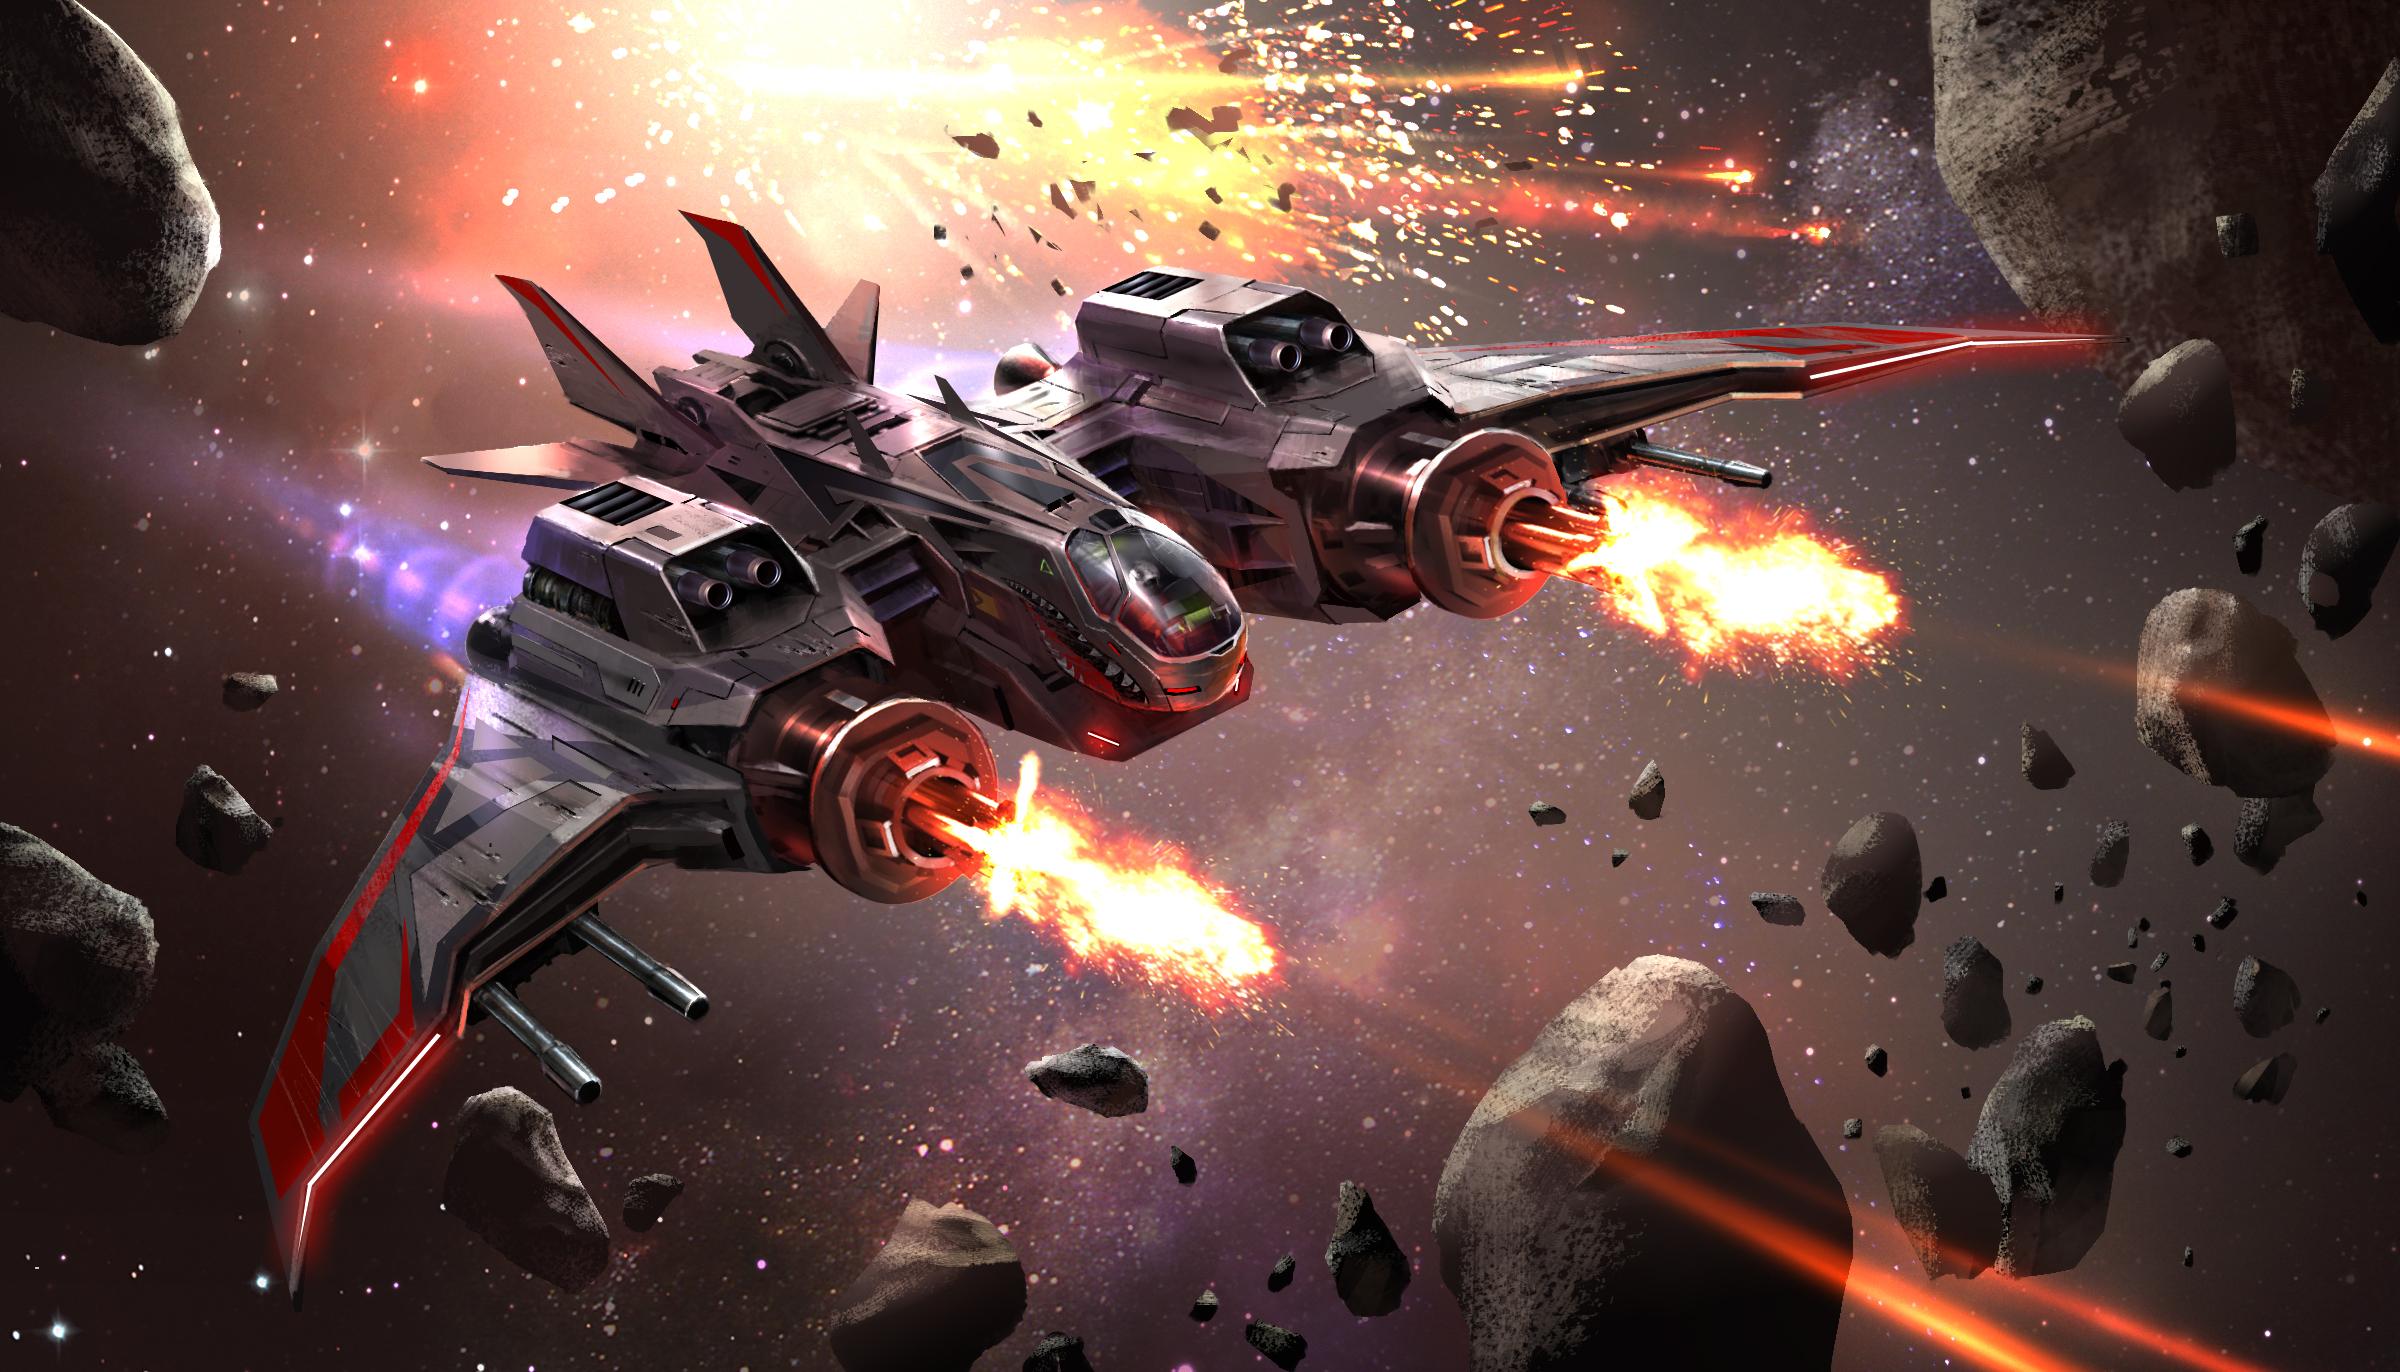 Agressor_ship_4.jpg